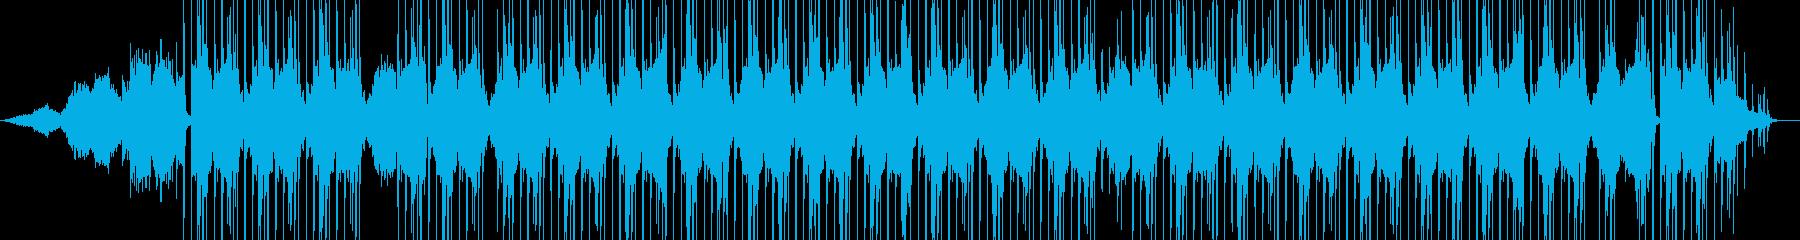 幻想系ビートの再生済みの波形